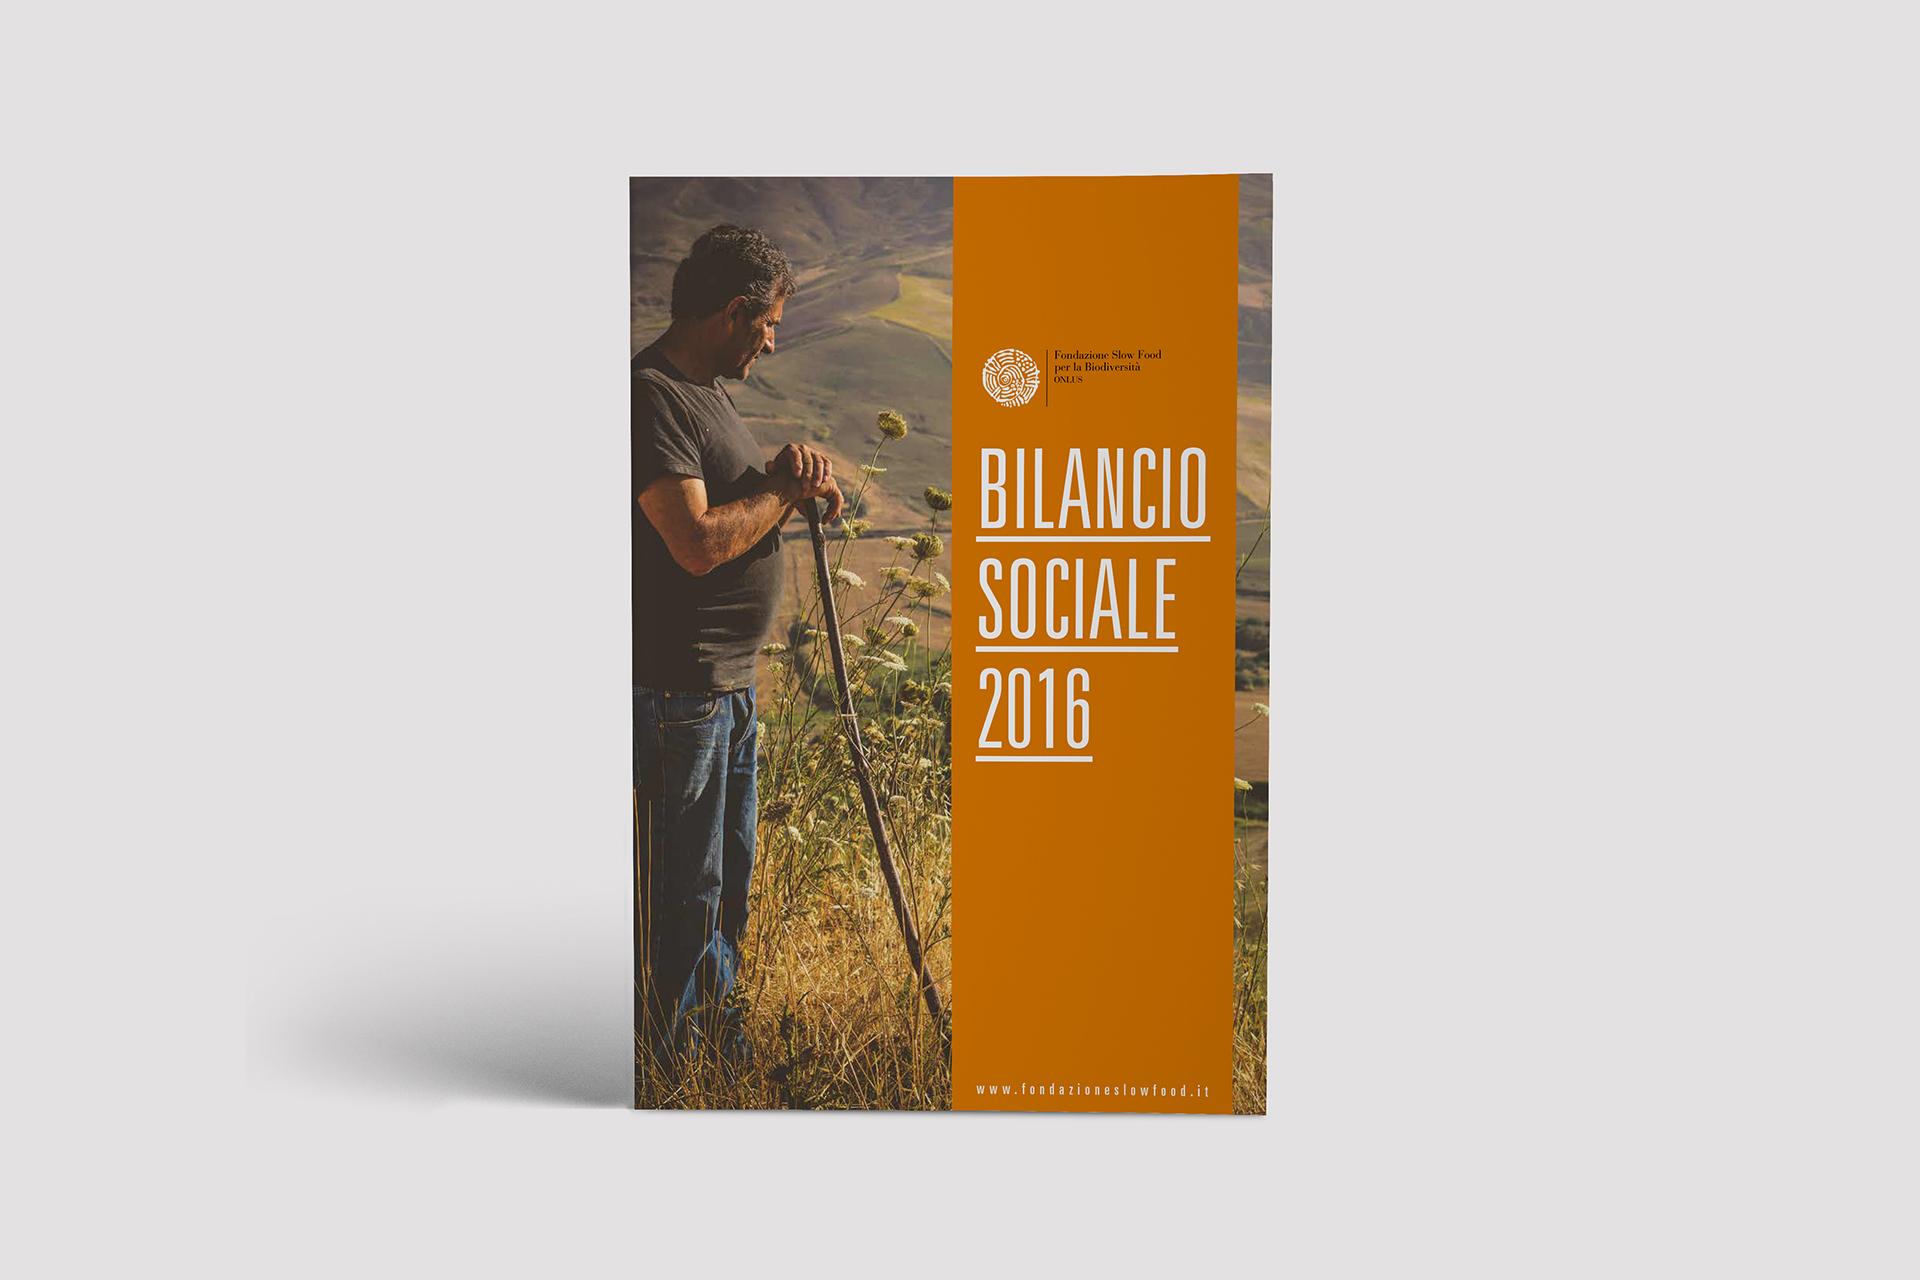 Bilancio Sociale 2016 / Slow Food